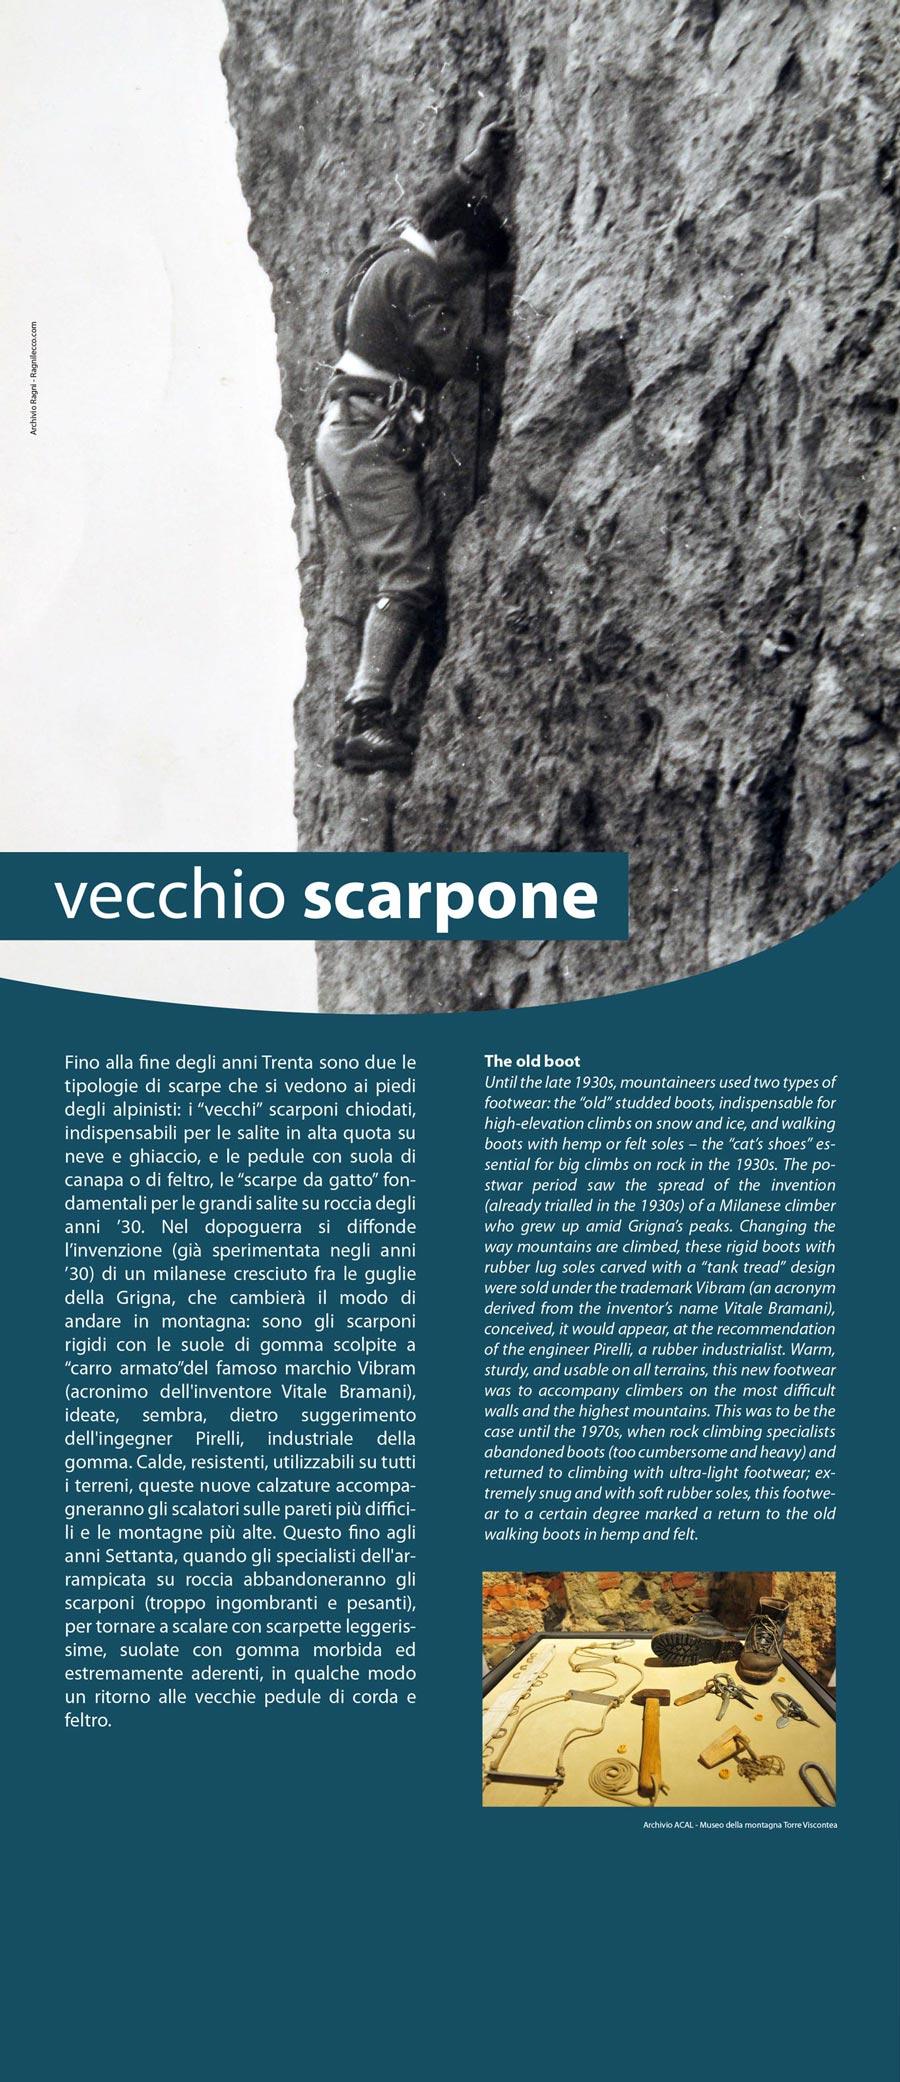 Vecchio-scarpone